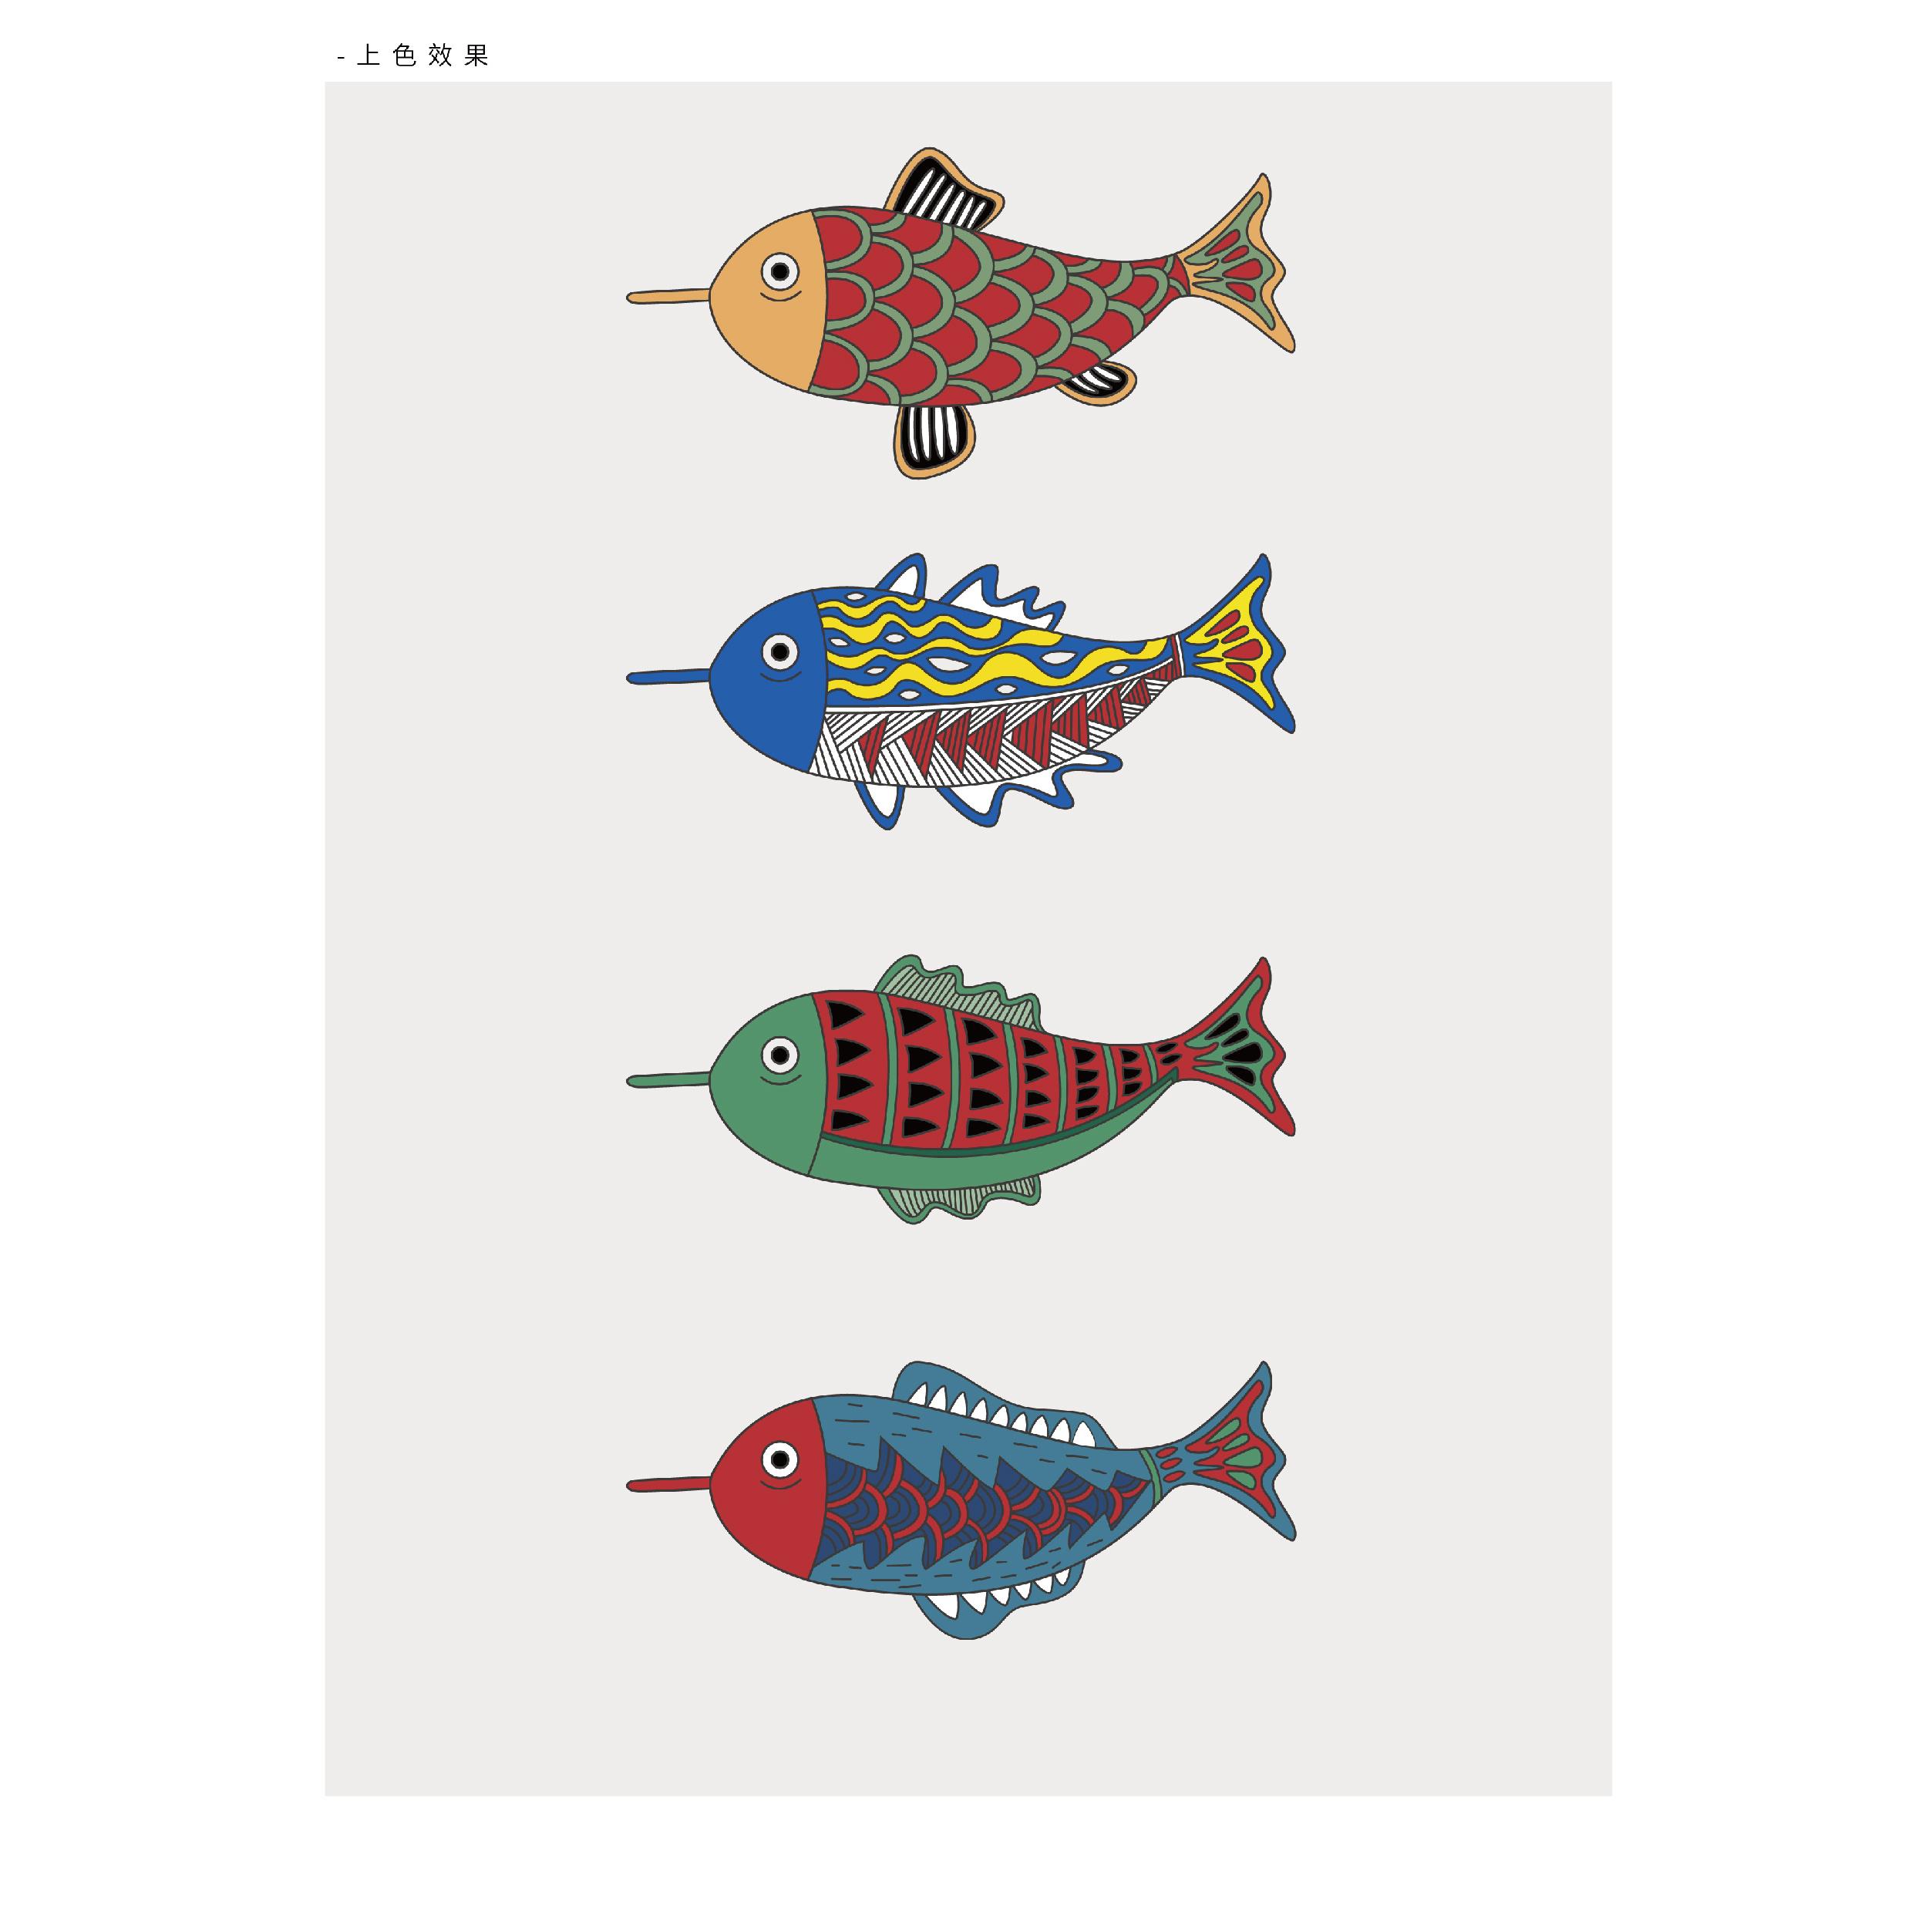 喜鱼-以鱼为元素作图形创意设计图片